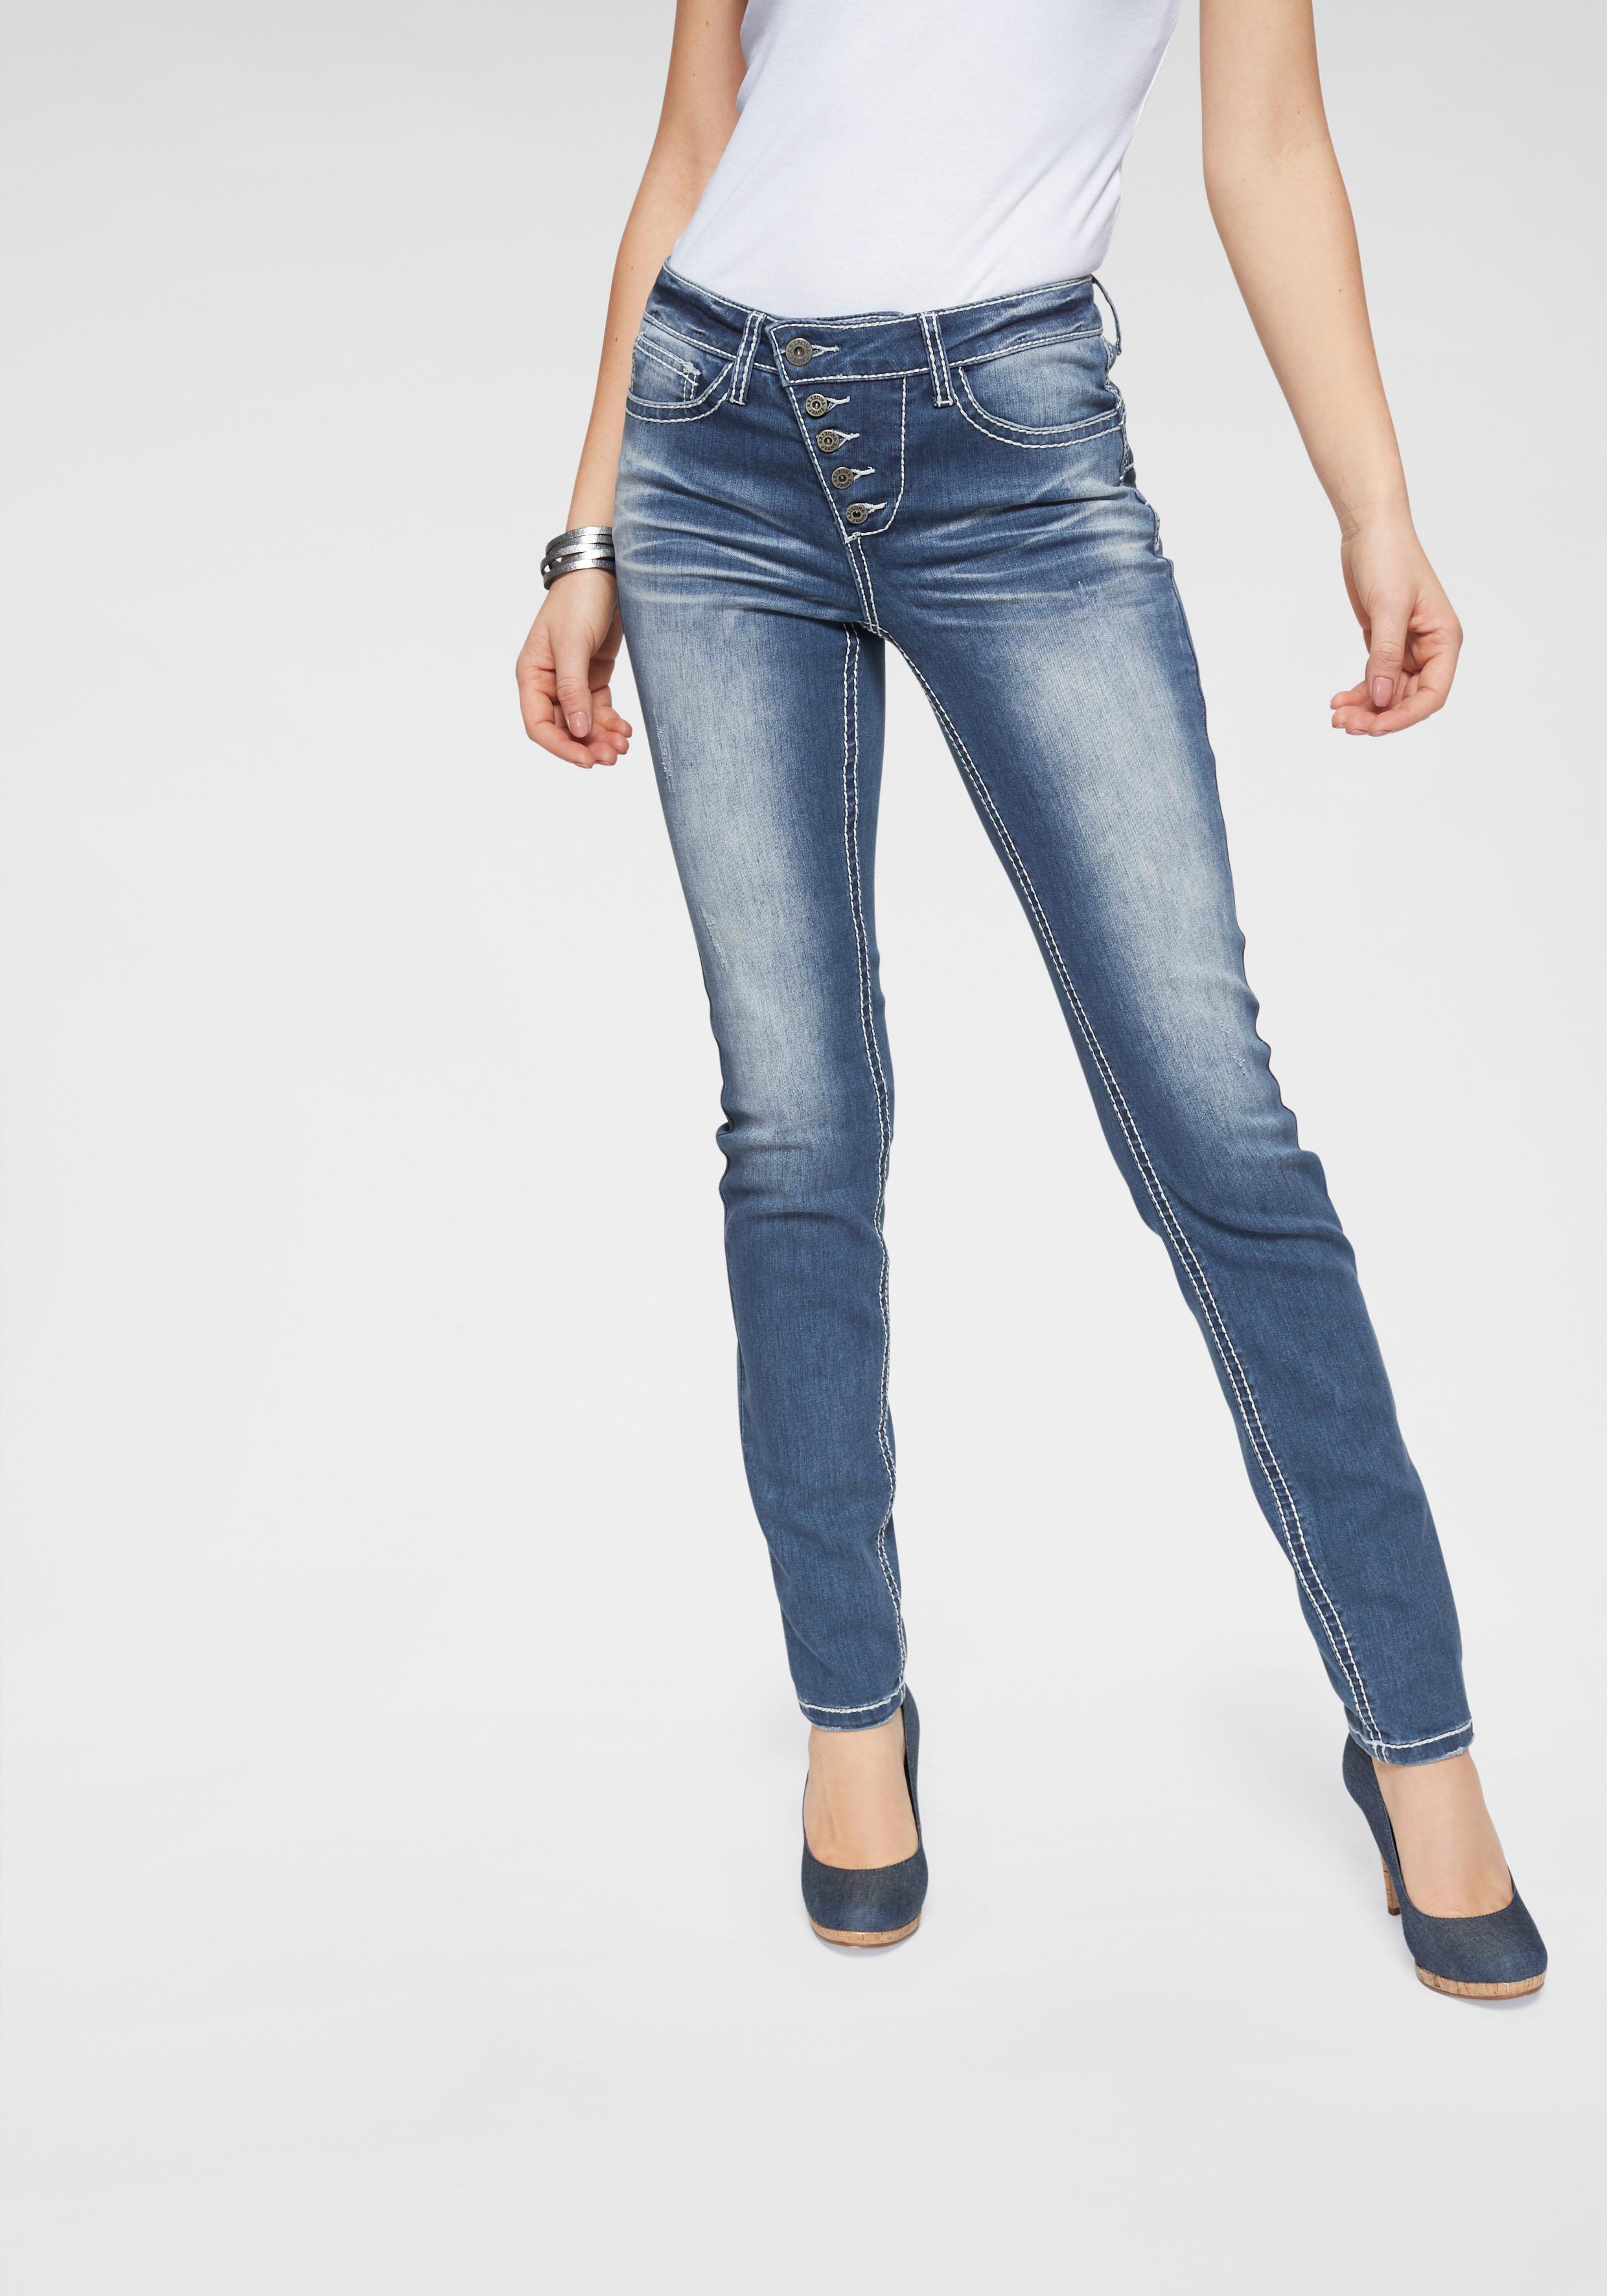 Arizona Slim-fit-Jeans Heavy Heavy Heavy Washed - Shaping Damenmode Röhrenjeans Damen Jeans 711871